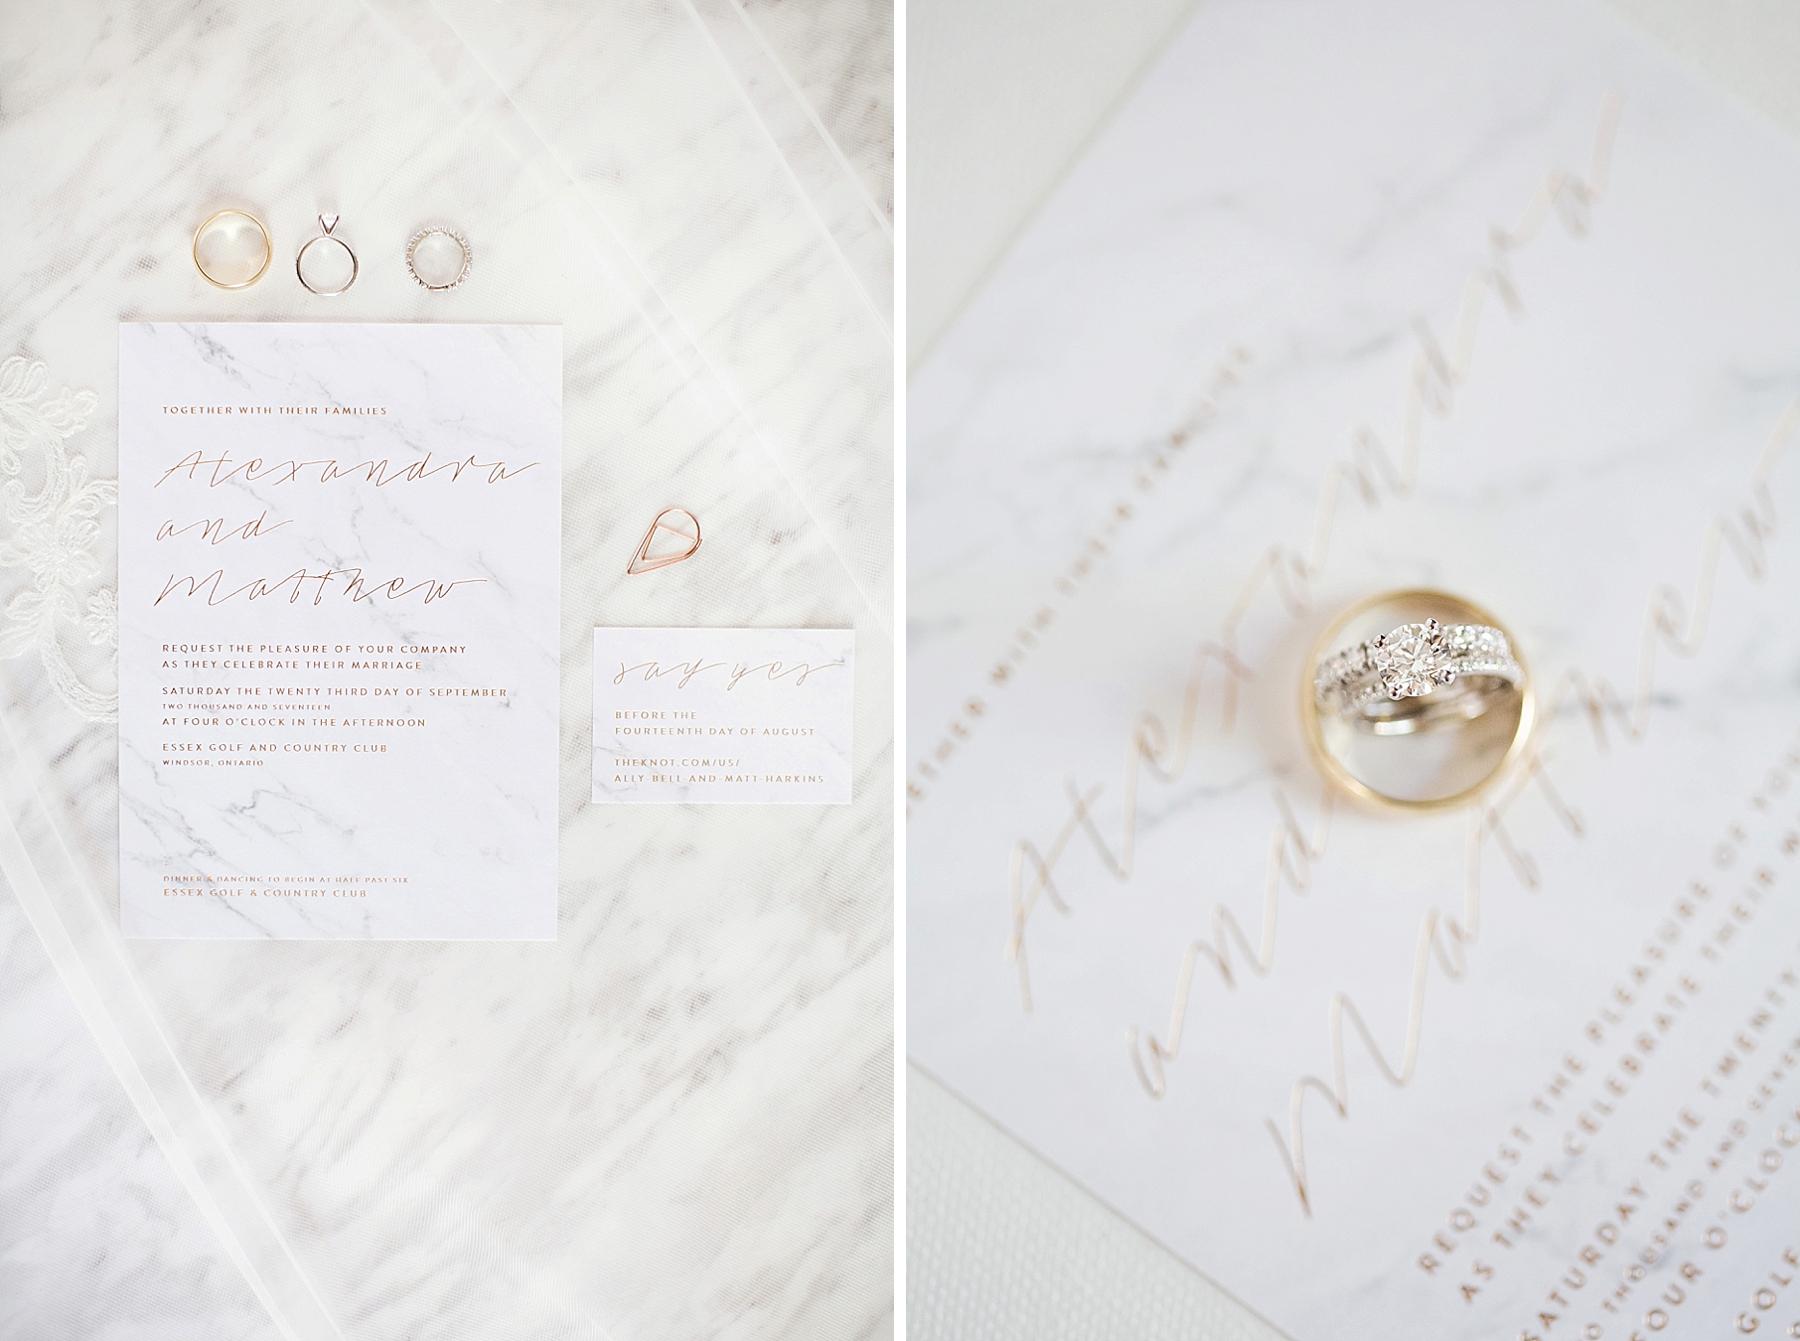 windsor-wedding-photographer-essex-golf-country-club-wedding-eryn-shea-photography_0010.jpg